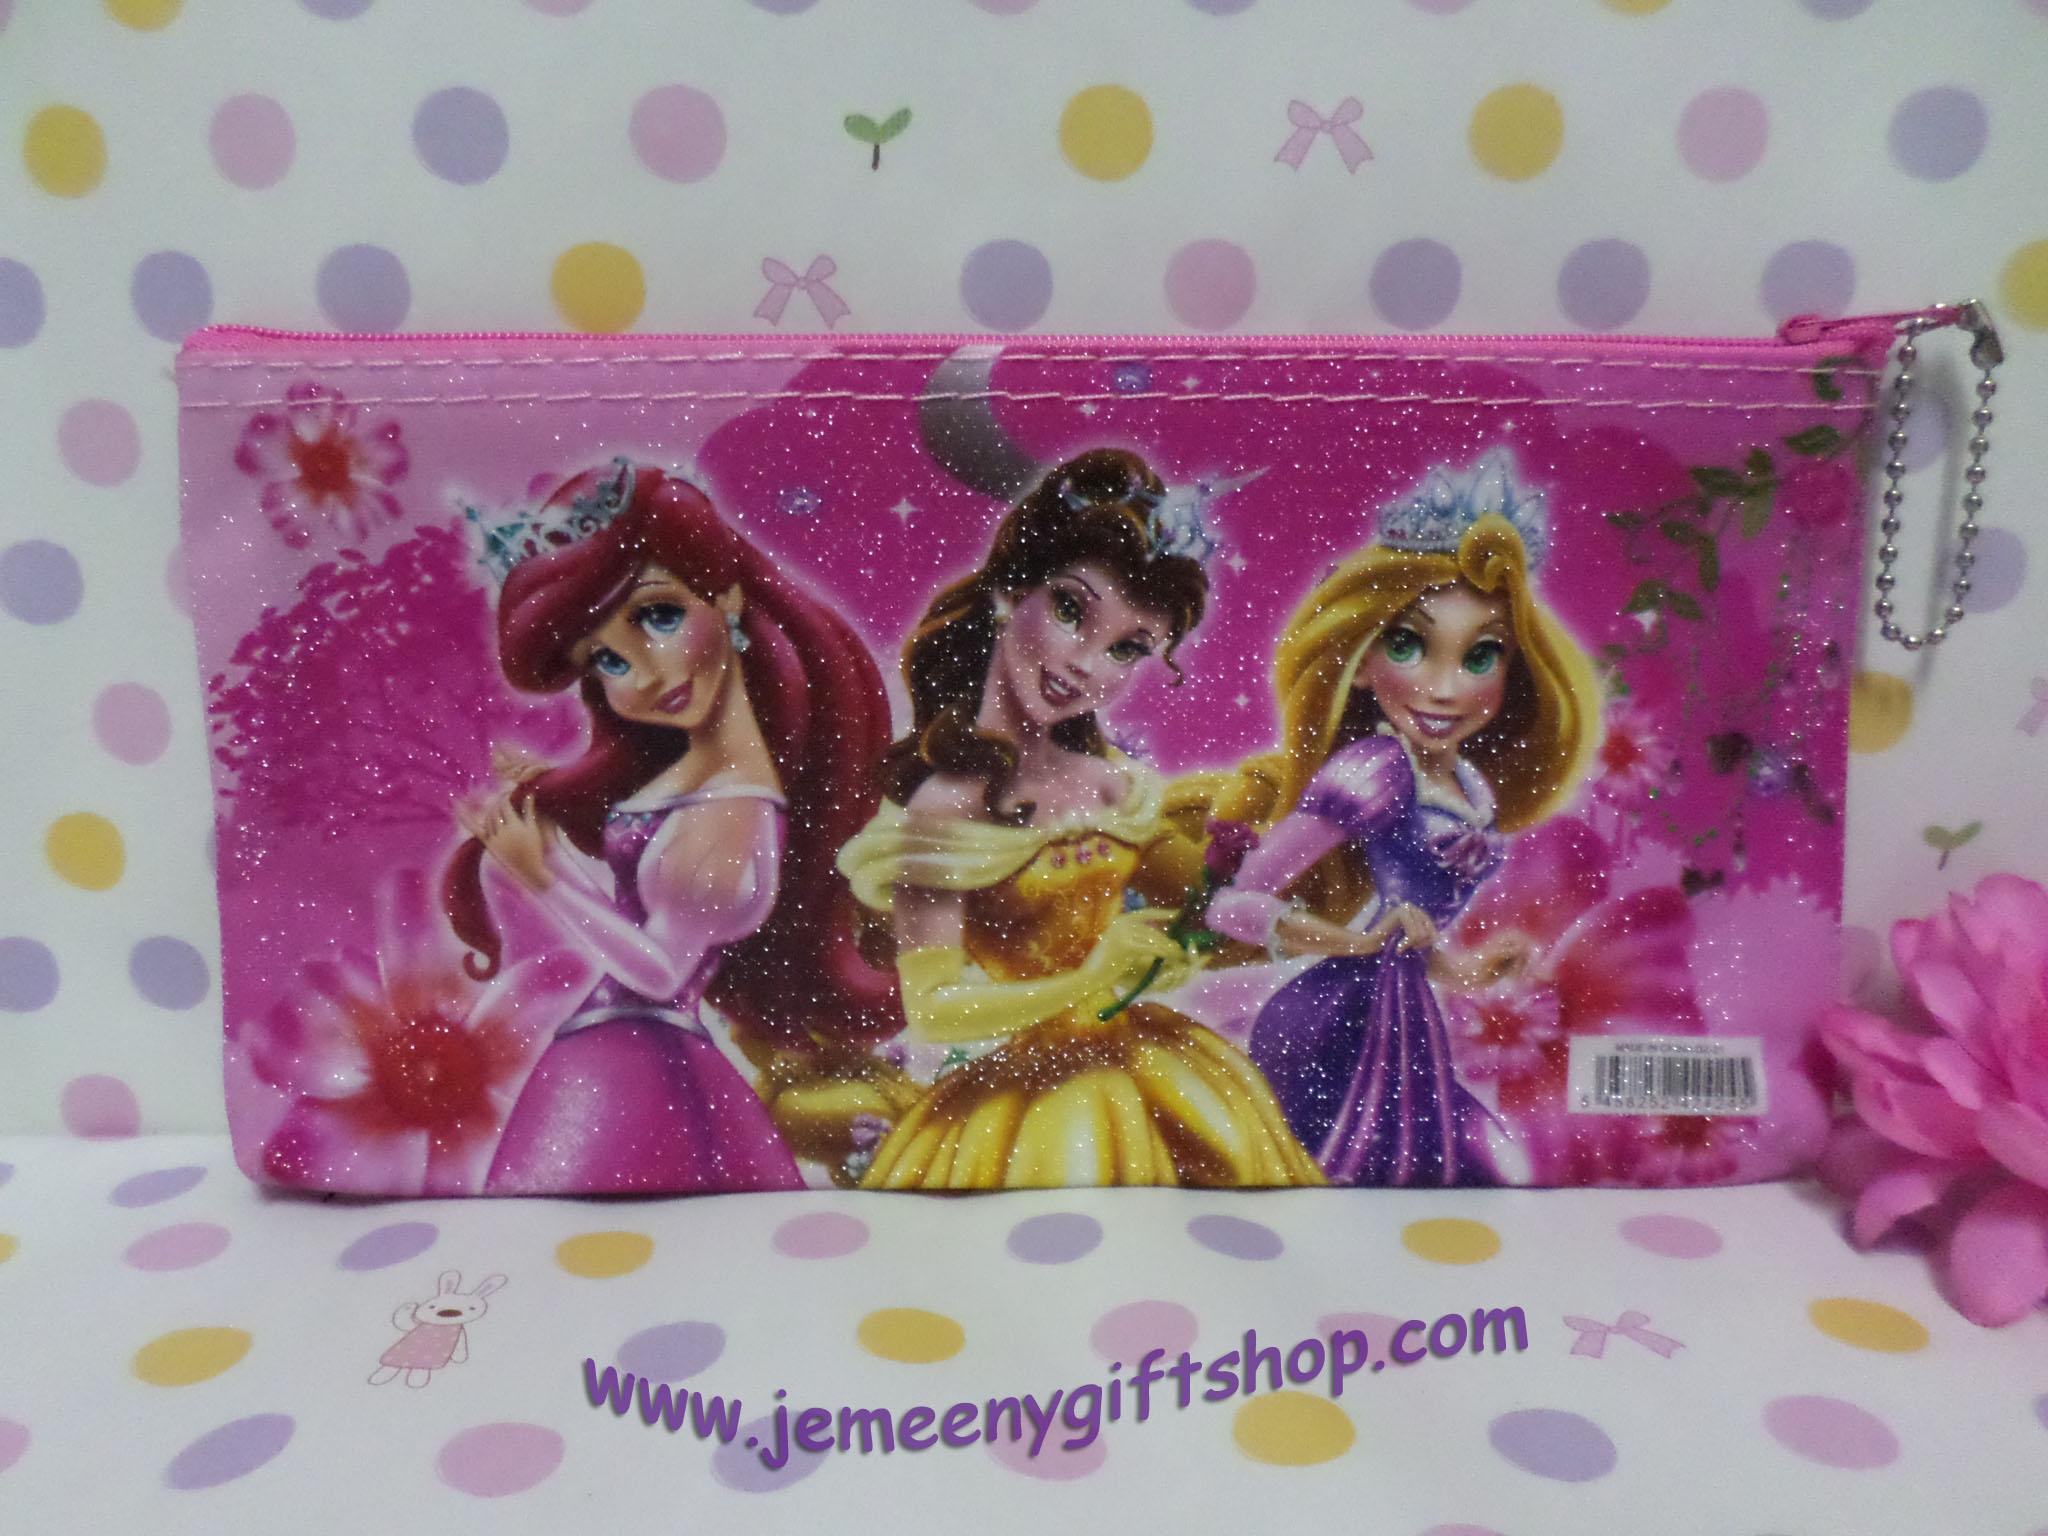 กระเป๋าใส่ดินสอปากกา เจ้าหญิง Princess ขนาดยาว 21 ซม.* สูง 11 ซม. ลายเจ้าหญิง สีชมพู